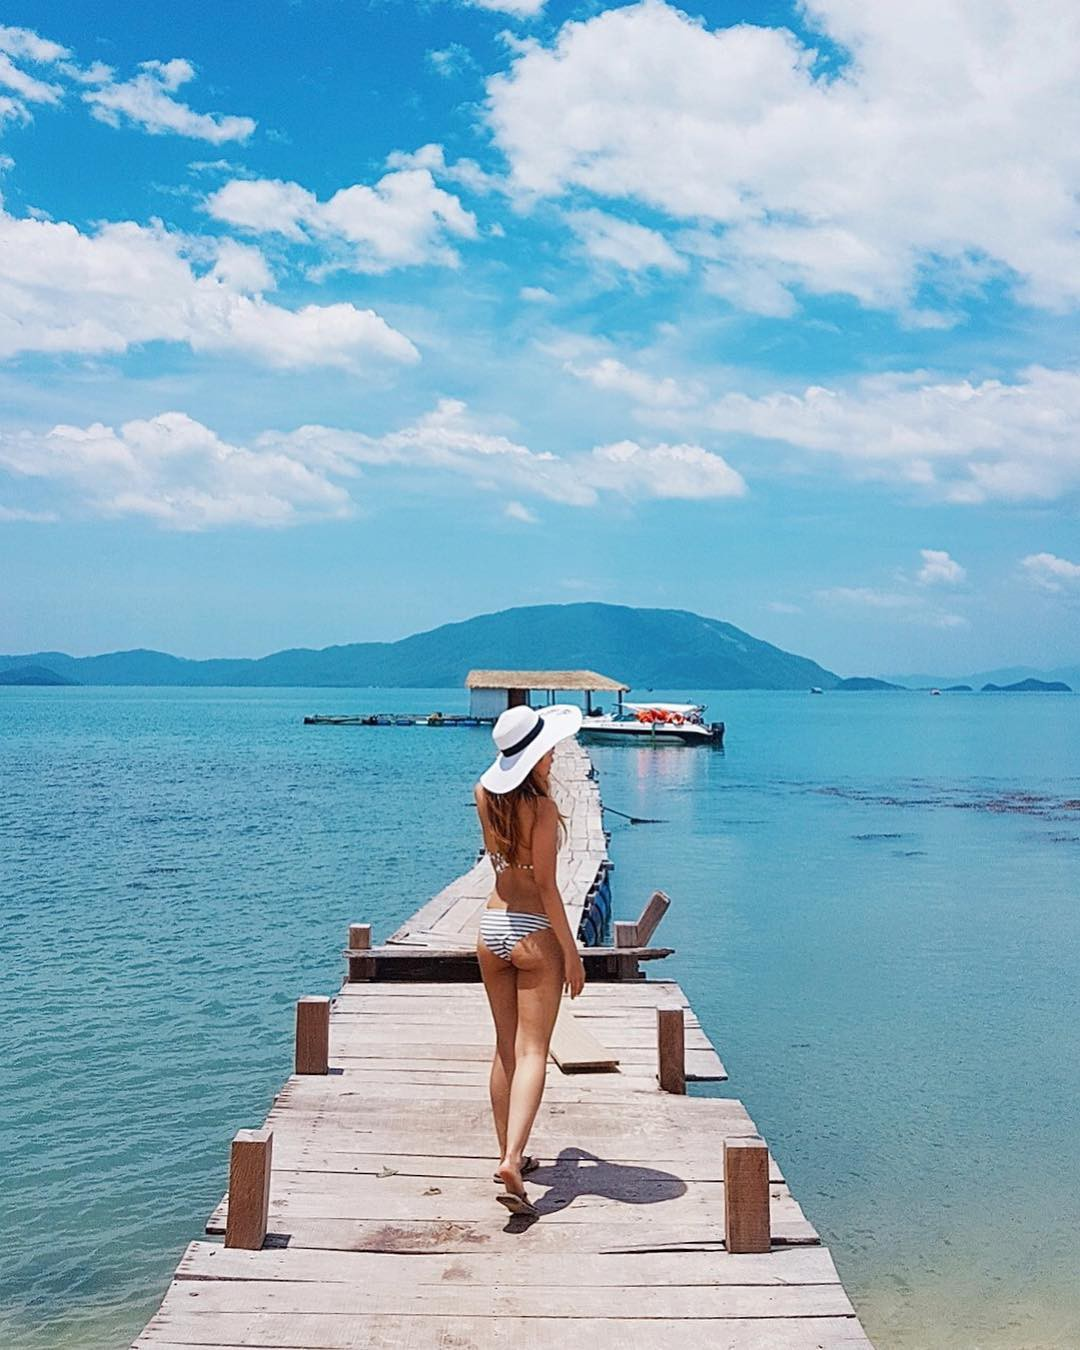 Chưa đến hè mà hot girl Việt đã sexy hết cỡ với bikini rồi! - Ảnh 11.